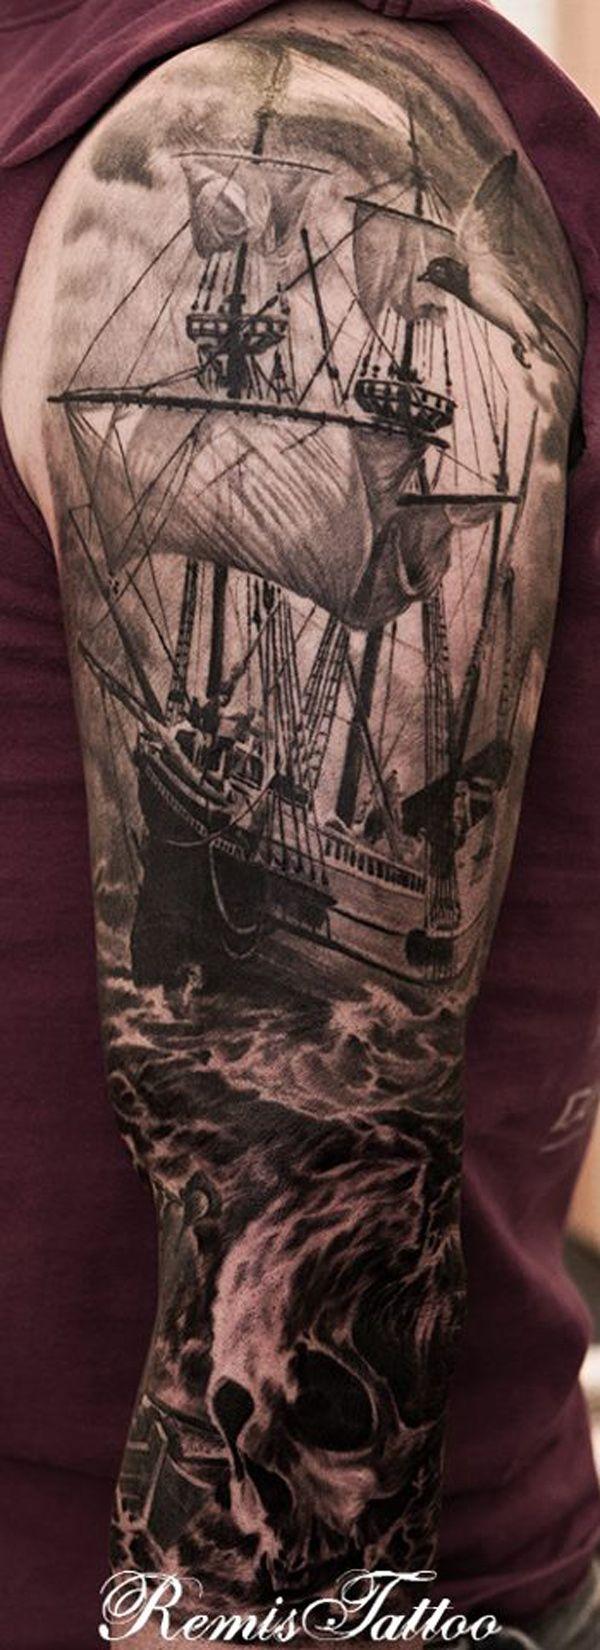 Татуировки кораблей - 40 идей тату